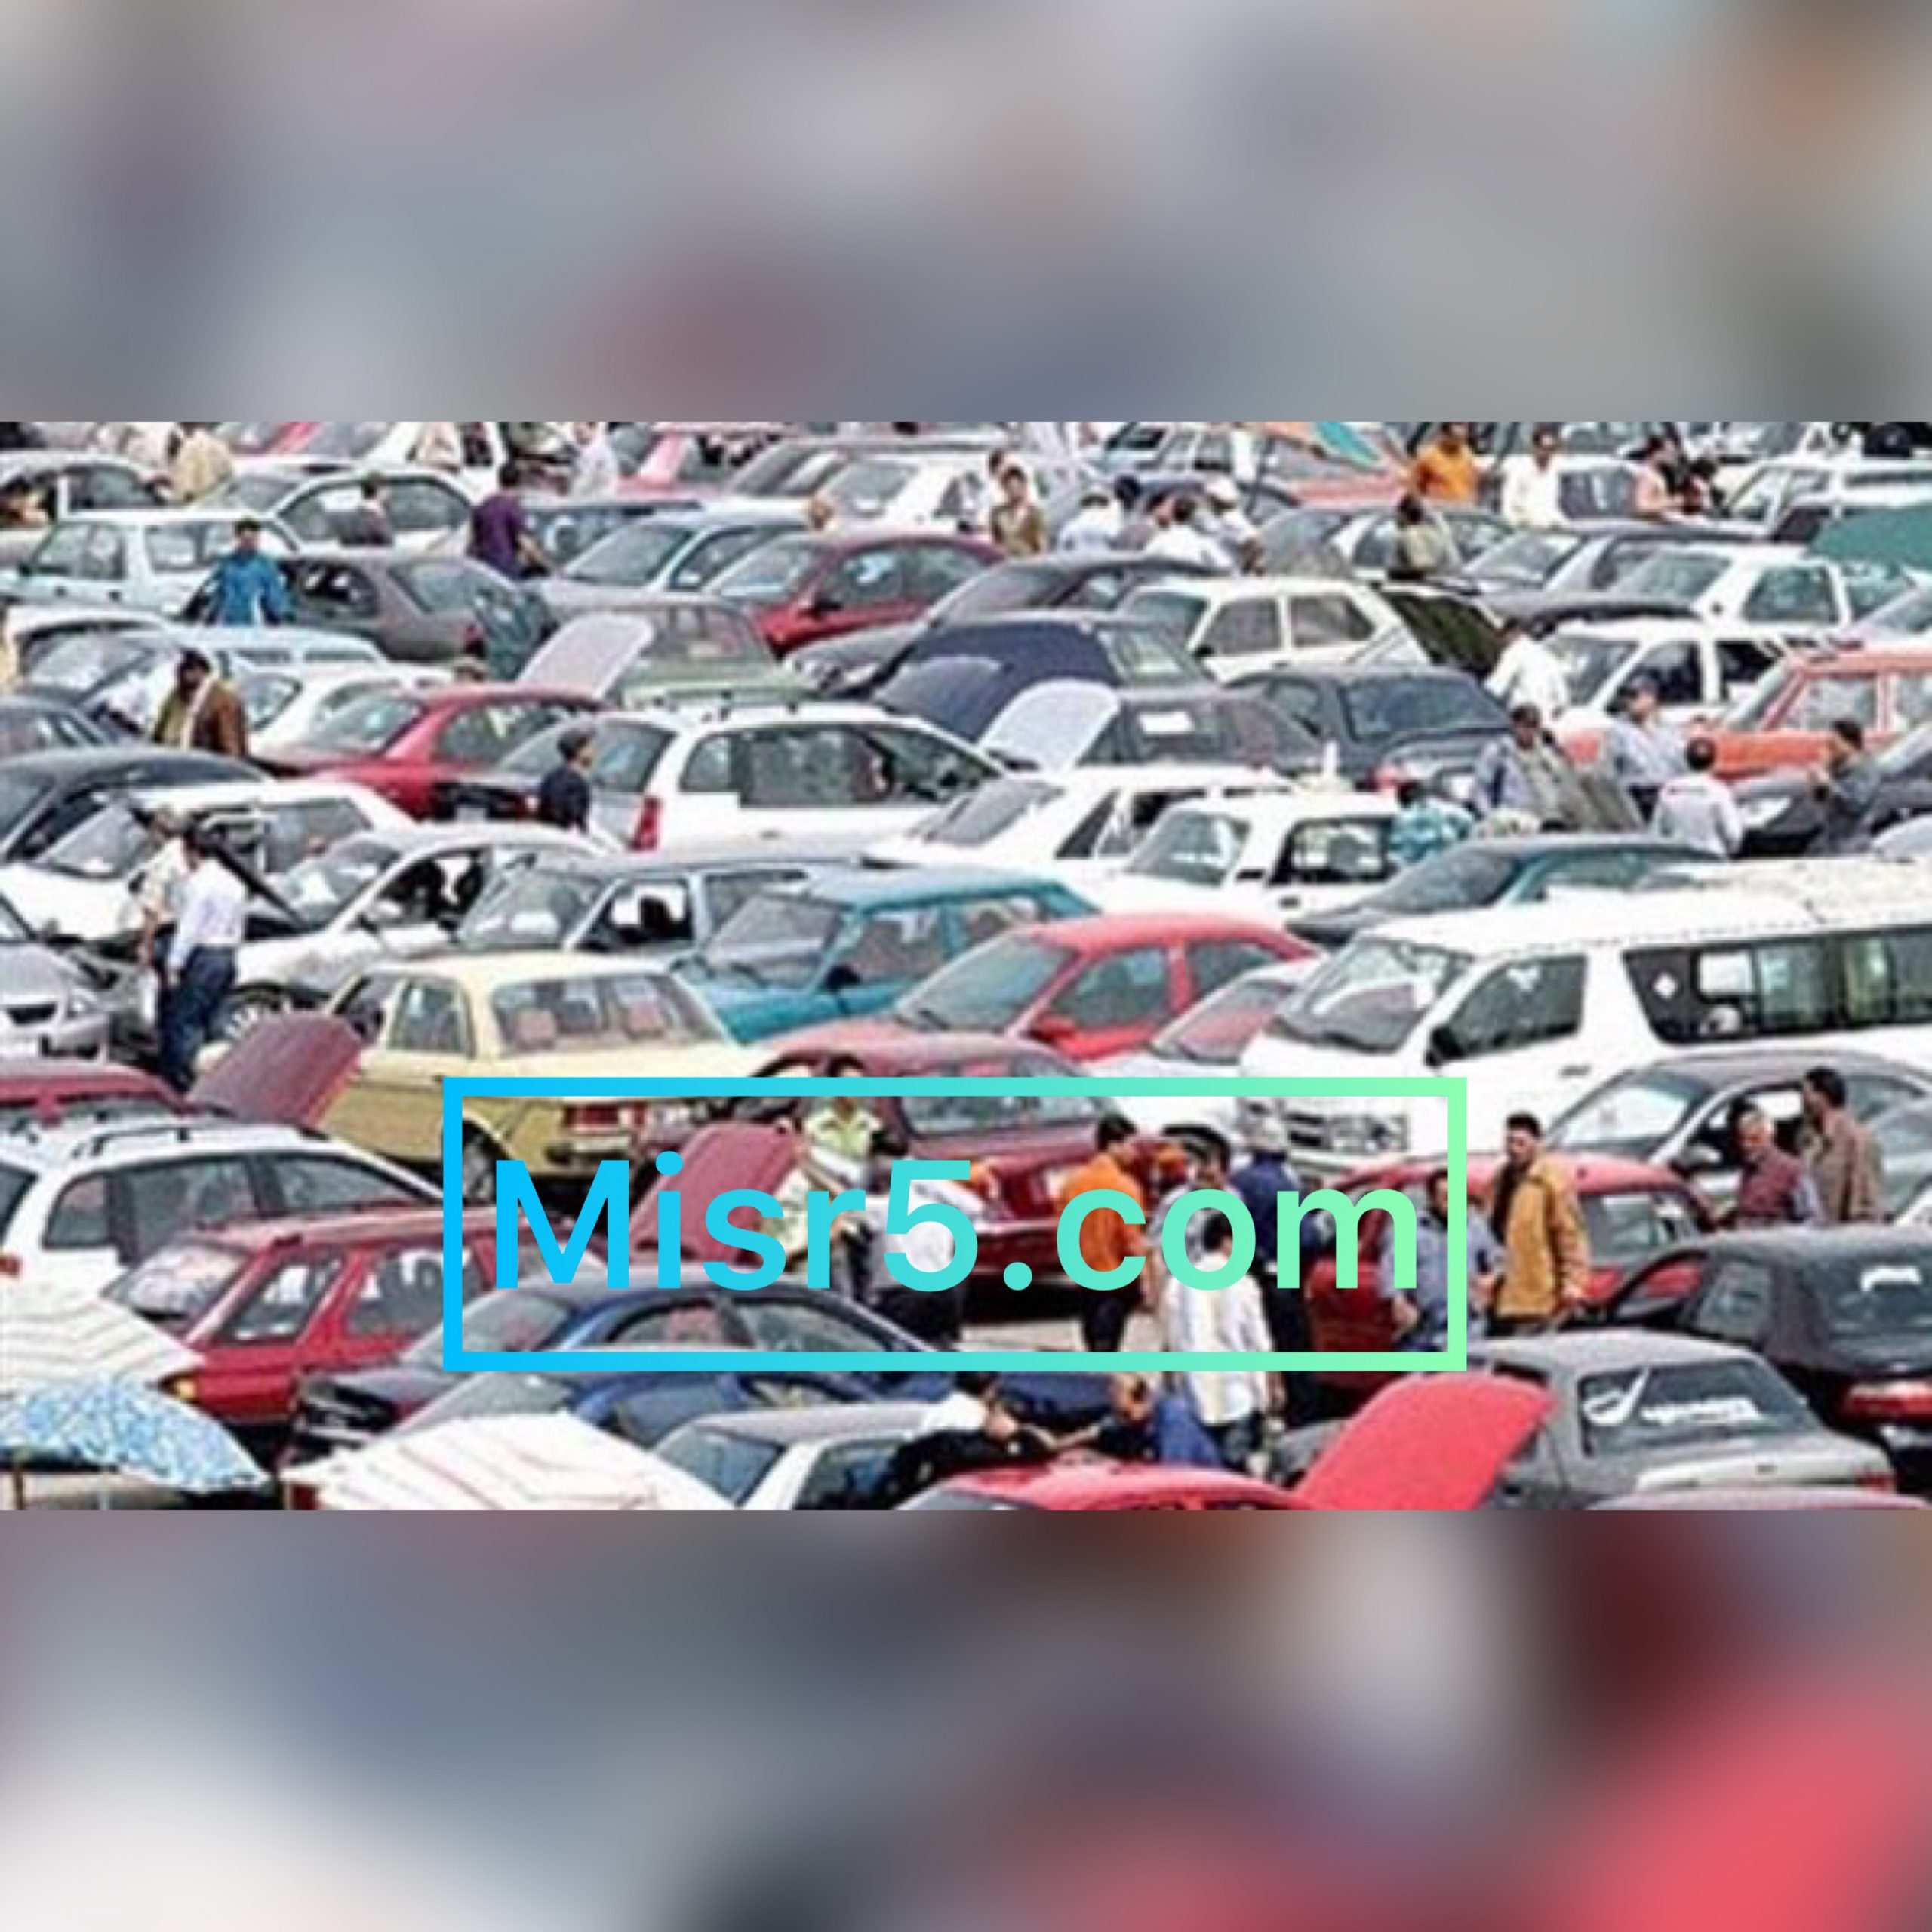 تعرف الآن على مواعيد وخطوات التسجيل في مبادرة إحلال السيارات الملاكي 2021